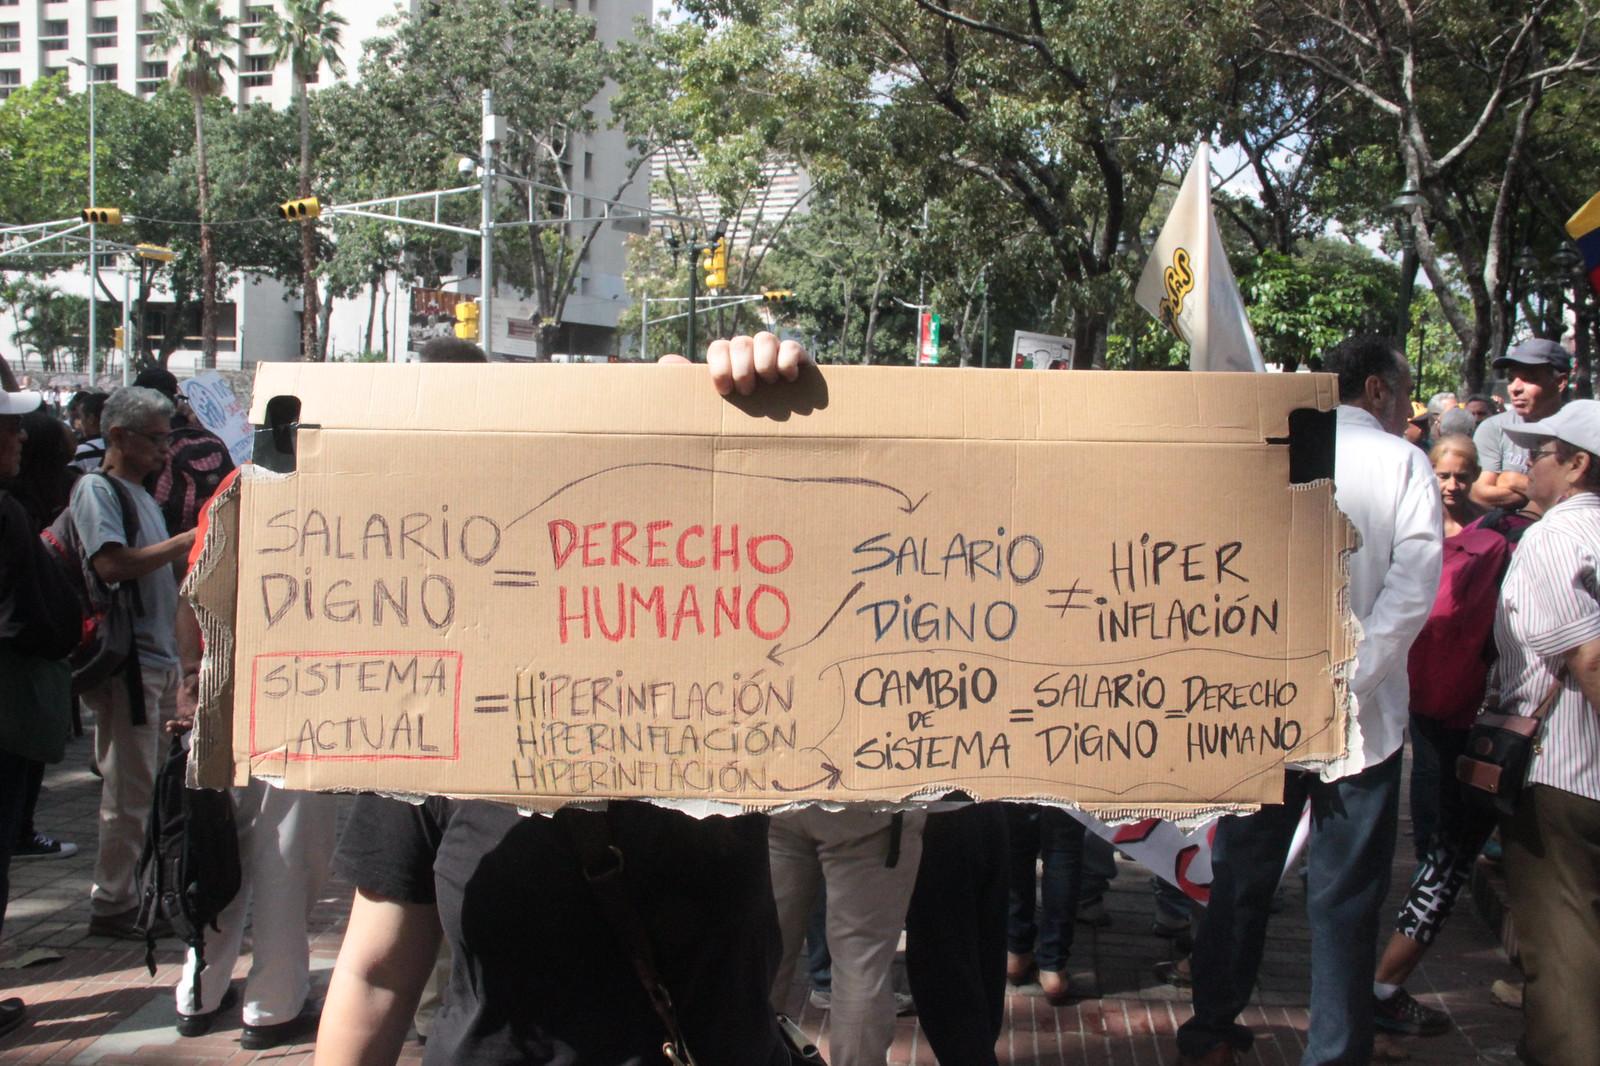 28.11.18 Marcha de trabajadores en defensa del salario y la convención colectiva